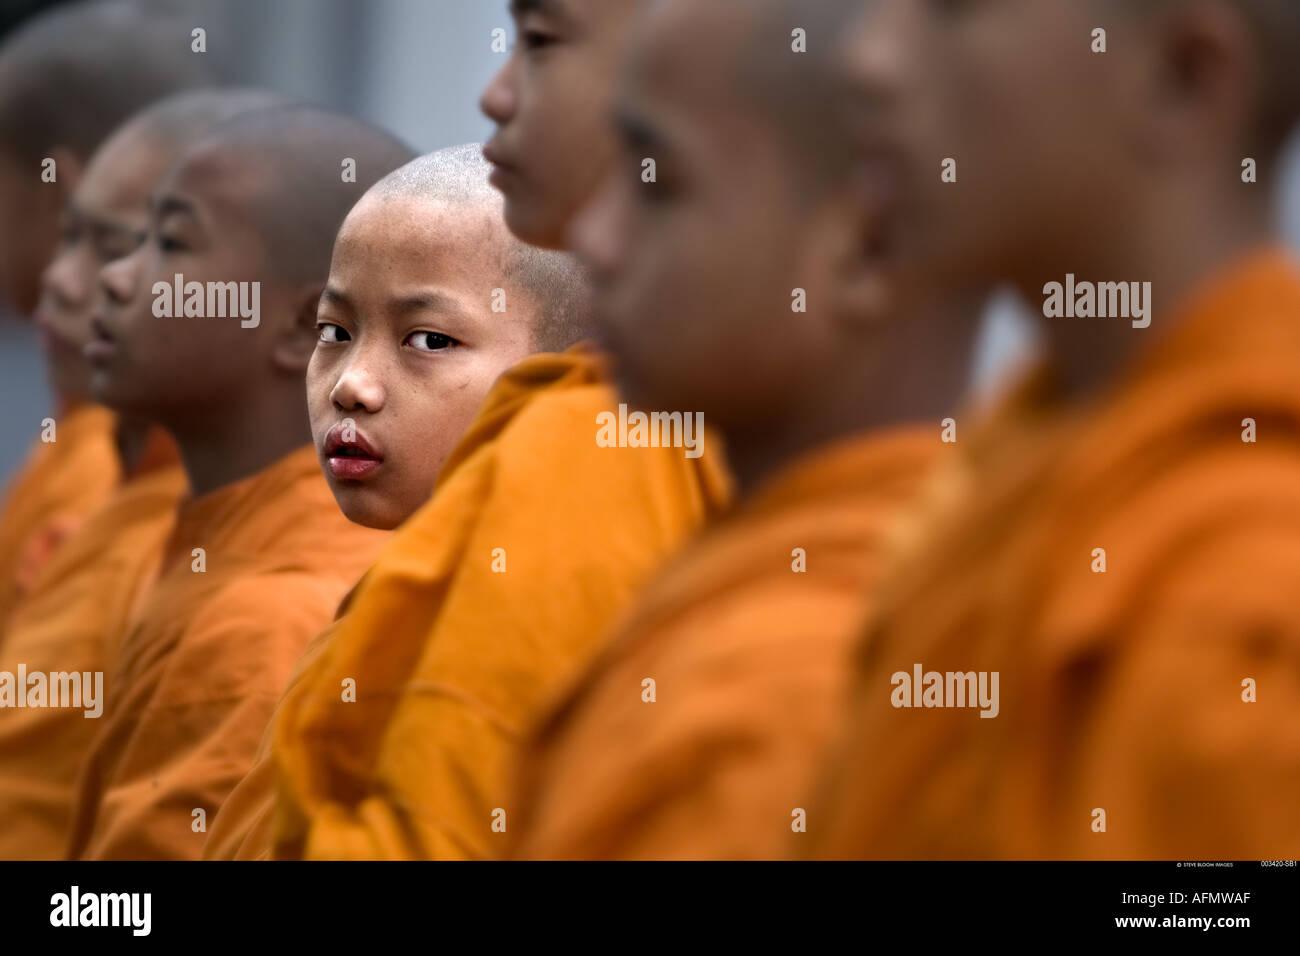 Los jóvenes monjes budistas en el templo budista de la sociedad Mahabodhi el Templo del Buddha Sarnath India Imagen De Stock